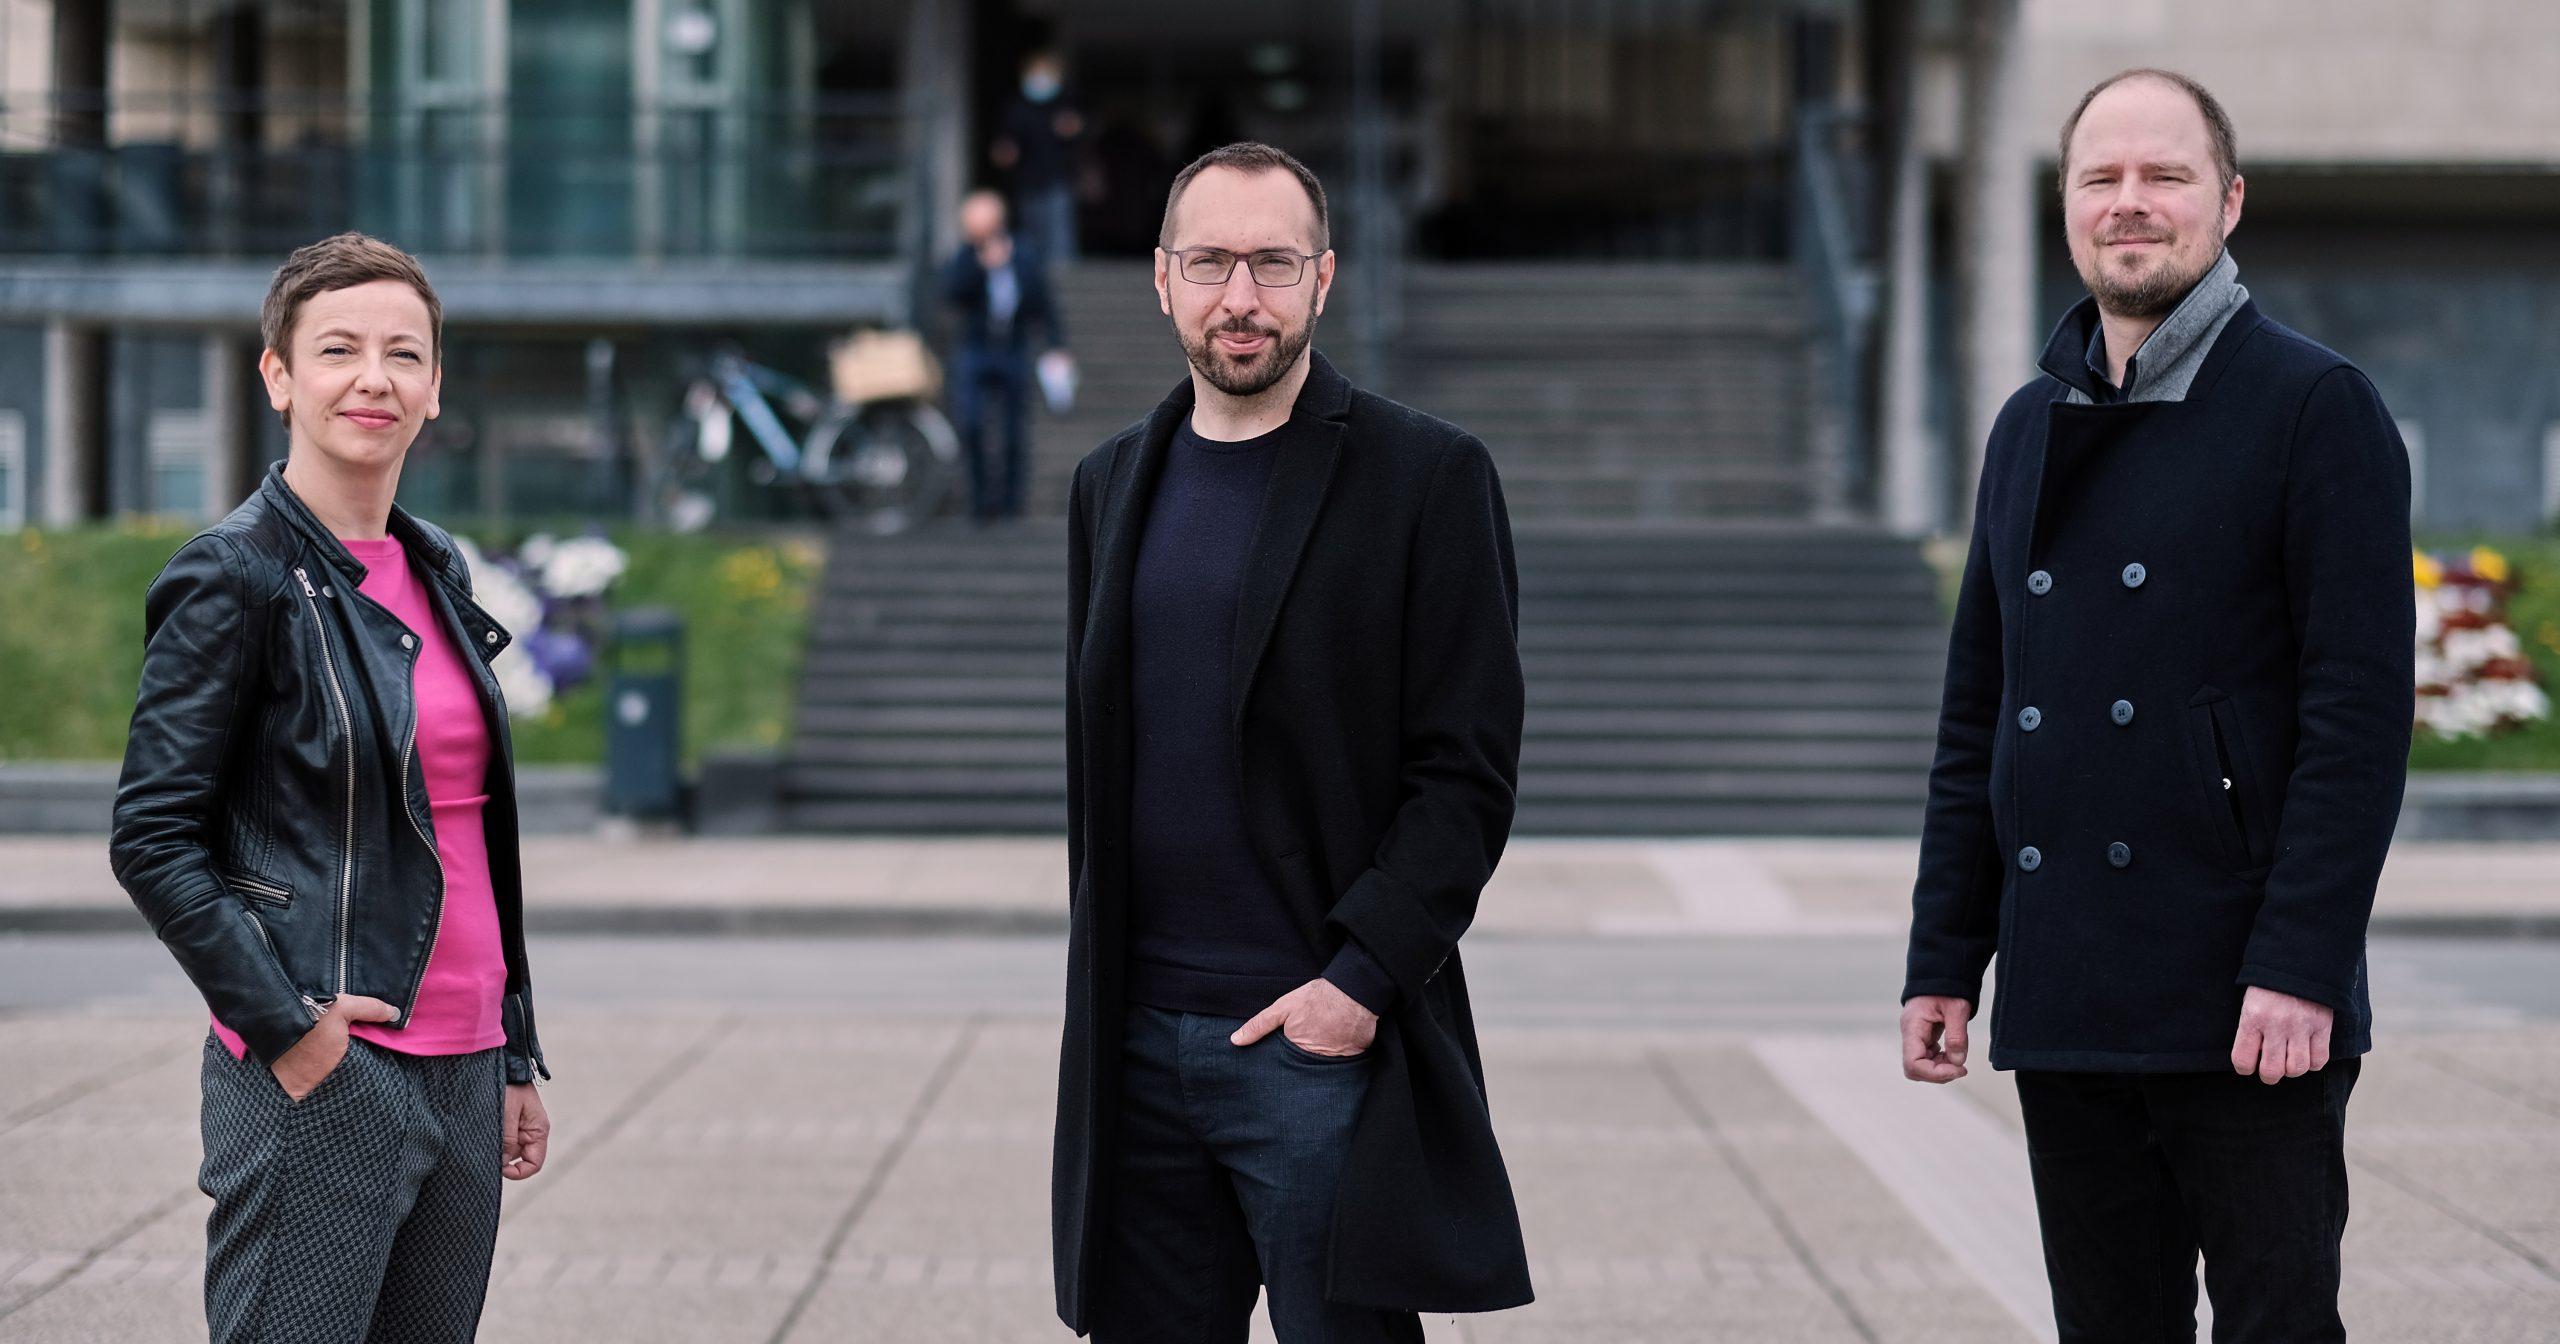 Danijela Dolenec i Luka Korlaet su Tomaševićevi kandidati za zamjenicu i zamjenika gradonačelnika